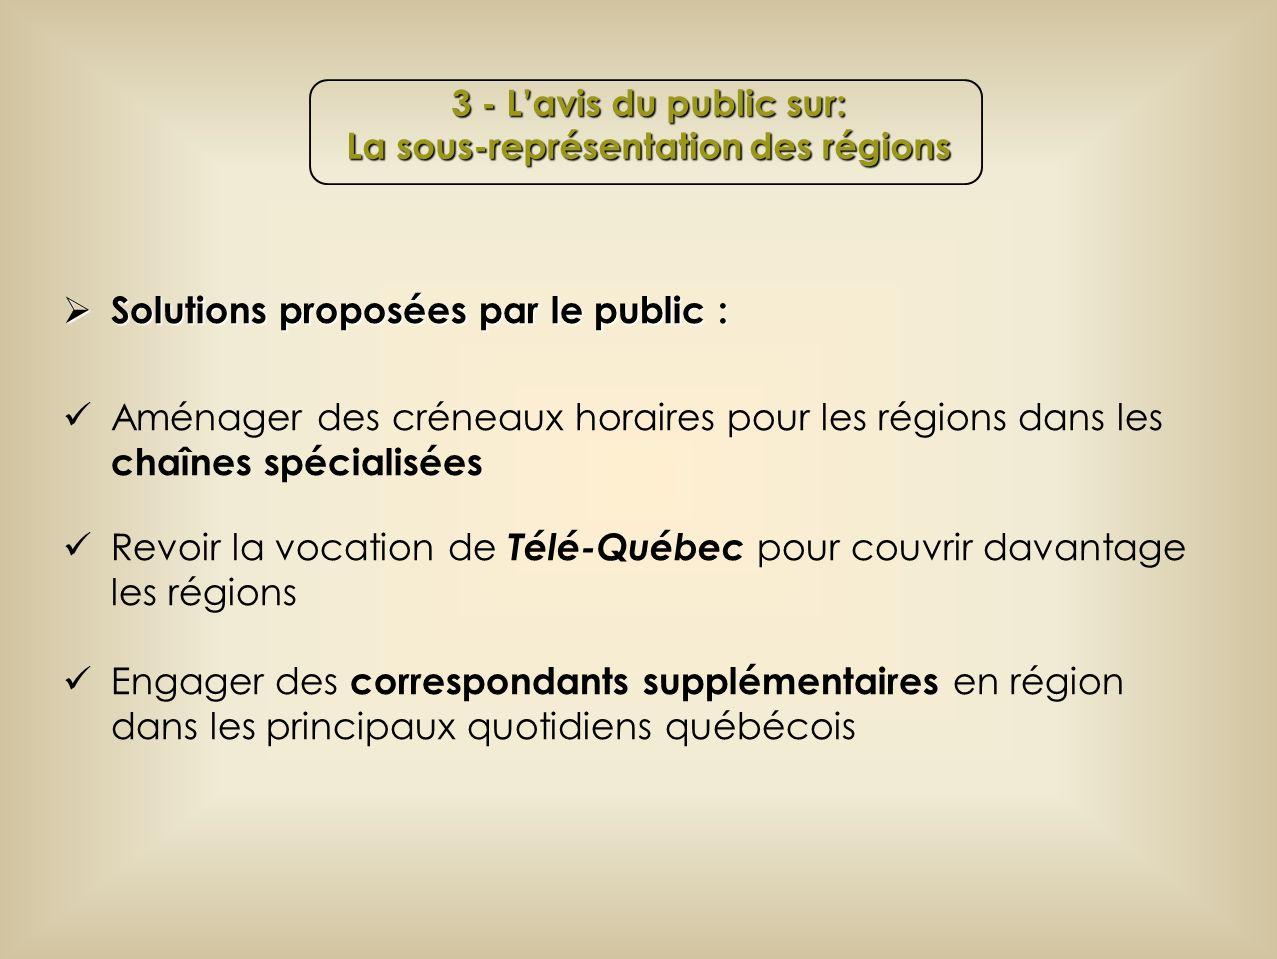 Solutions proposées par le public : Solutions proposées par le public : Aménager des créneaux horaires pour les régions dans les chaînes spécialisées